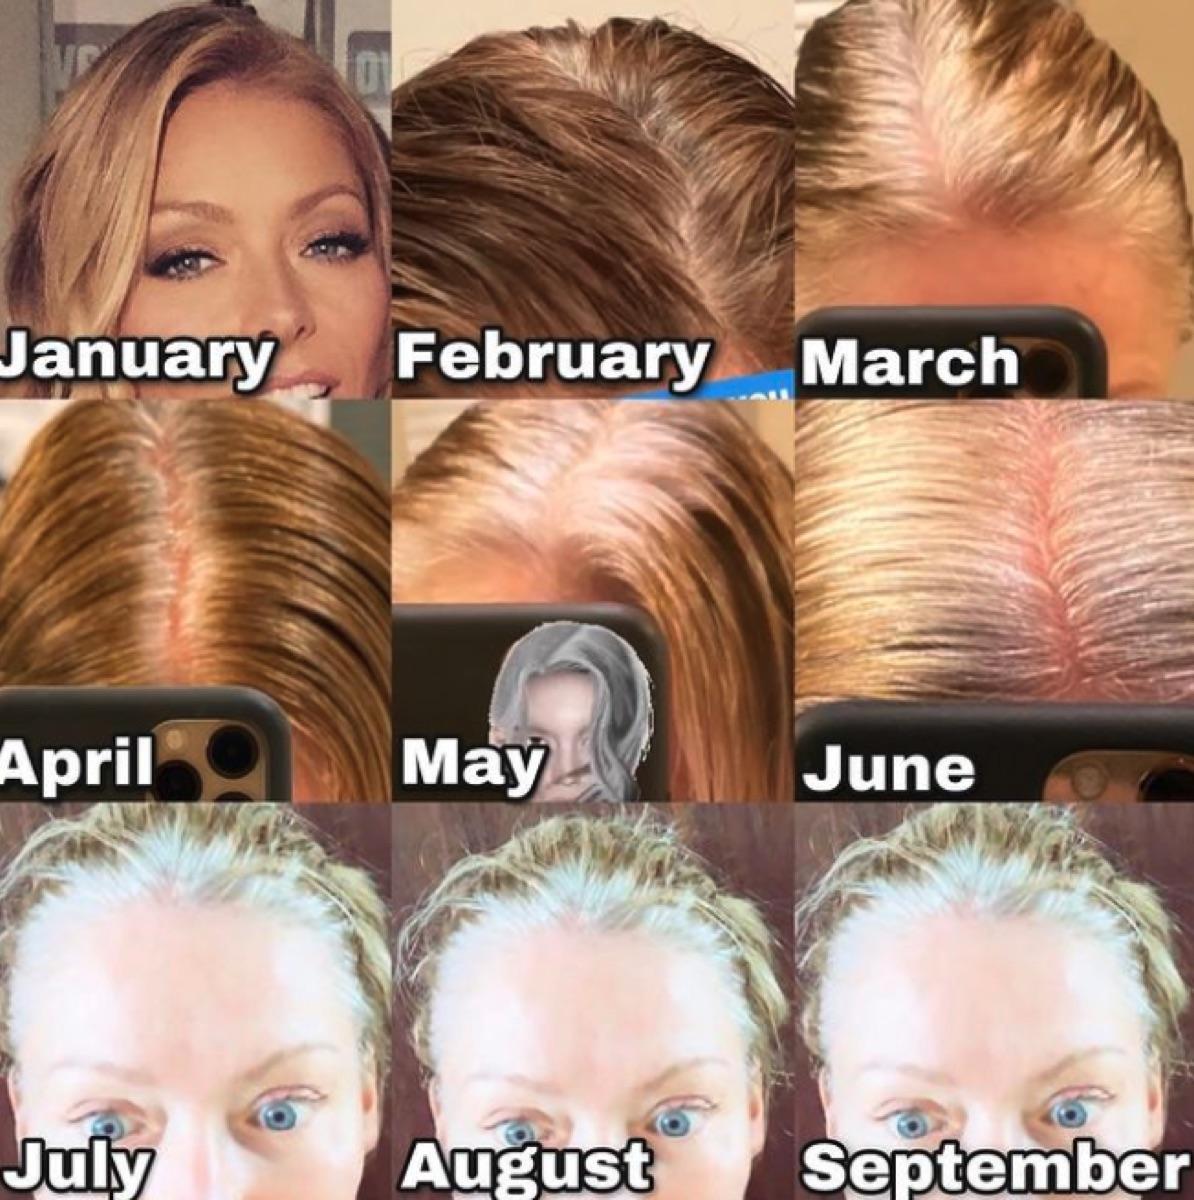 Kelly Ripa's hair progression